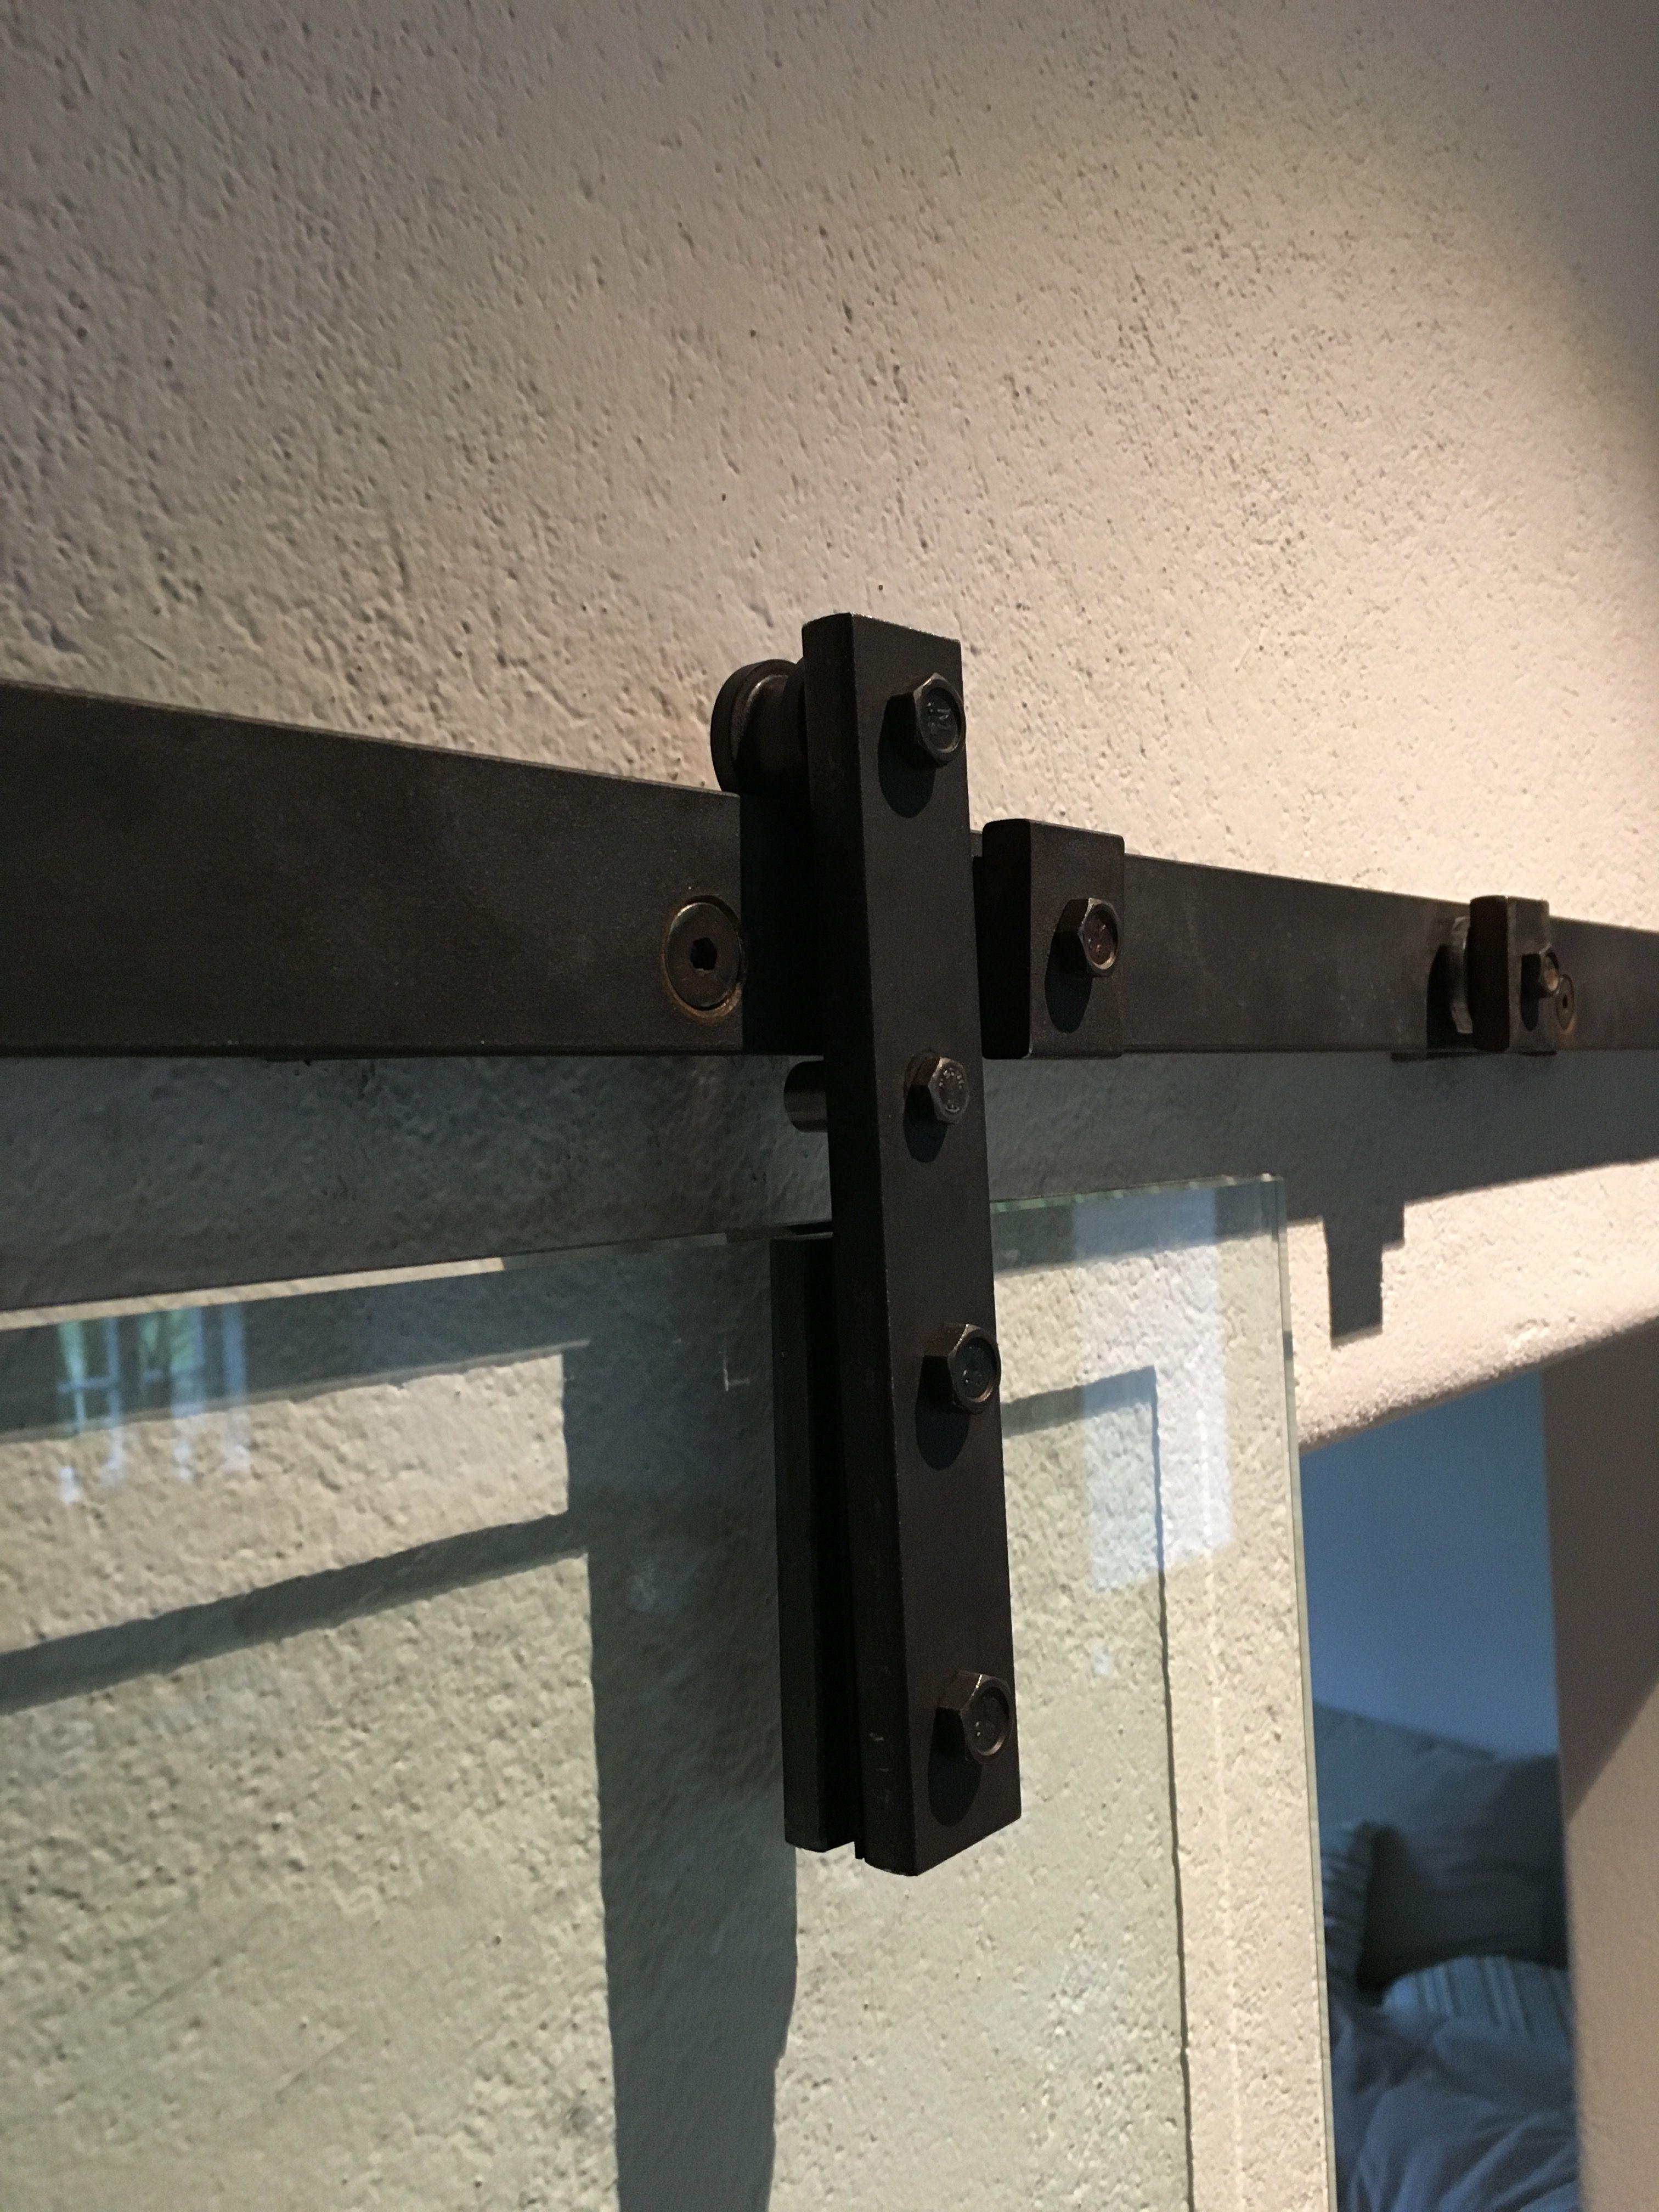 Glasschiebeturen Mit Schiebeturbeschlag Aus Stahl Rostoptik